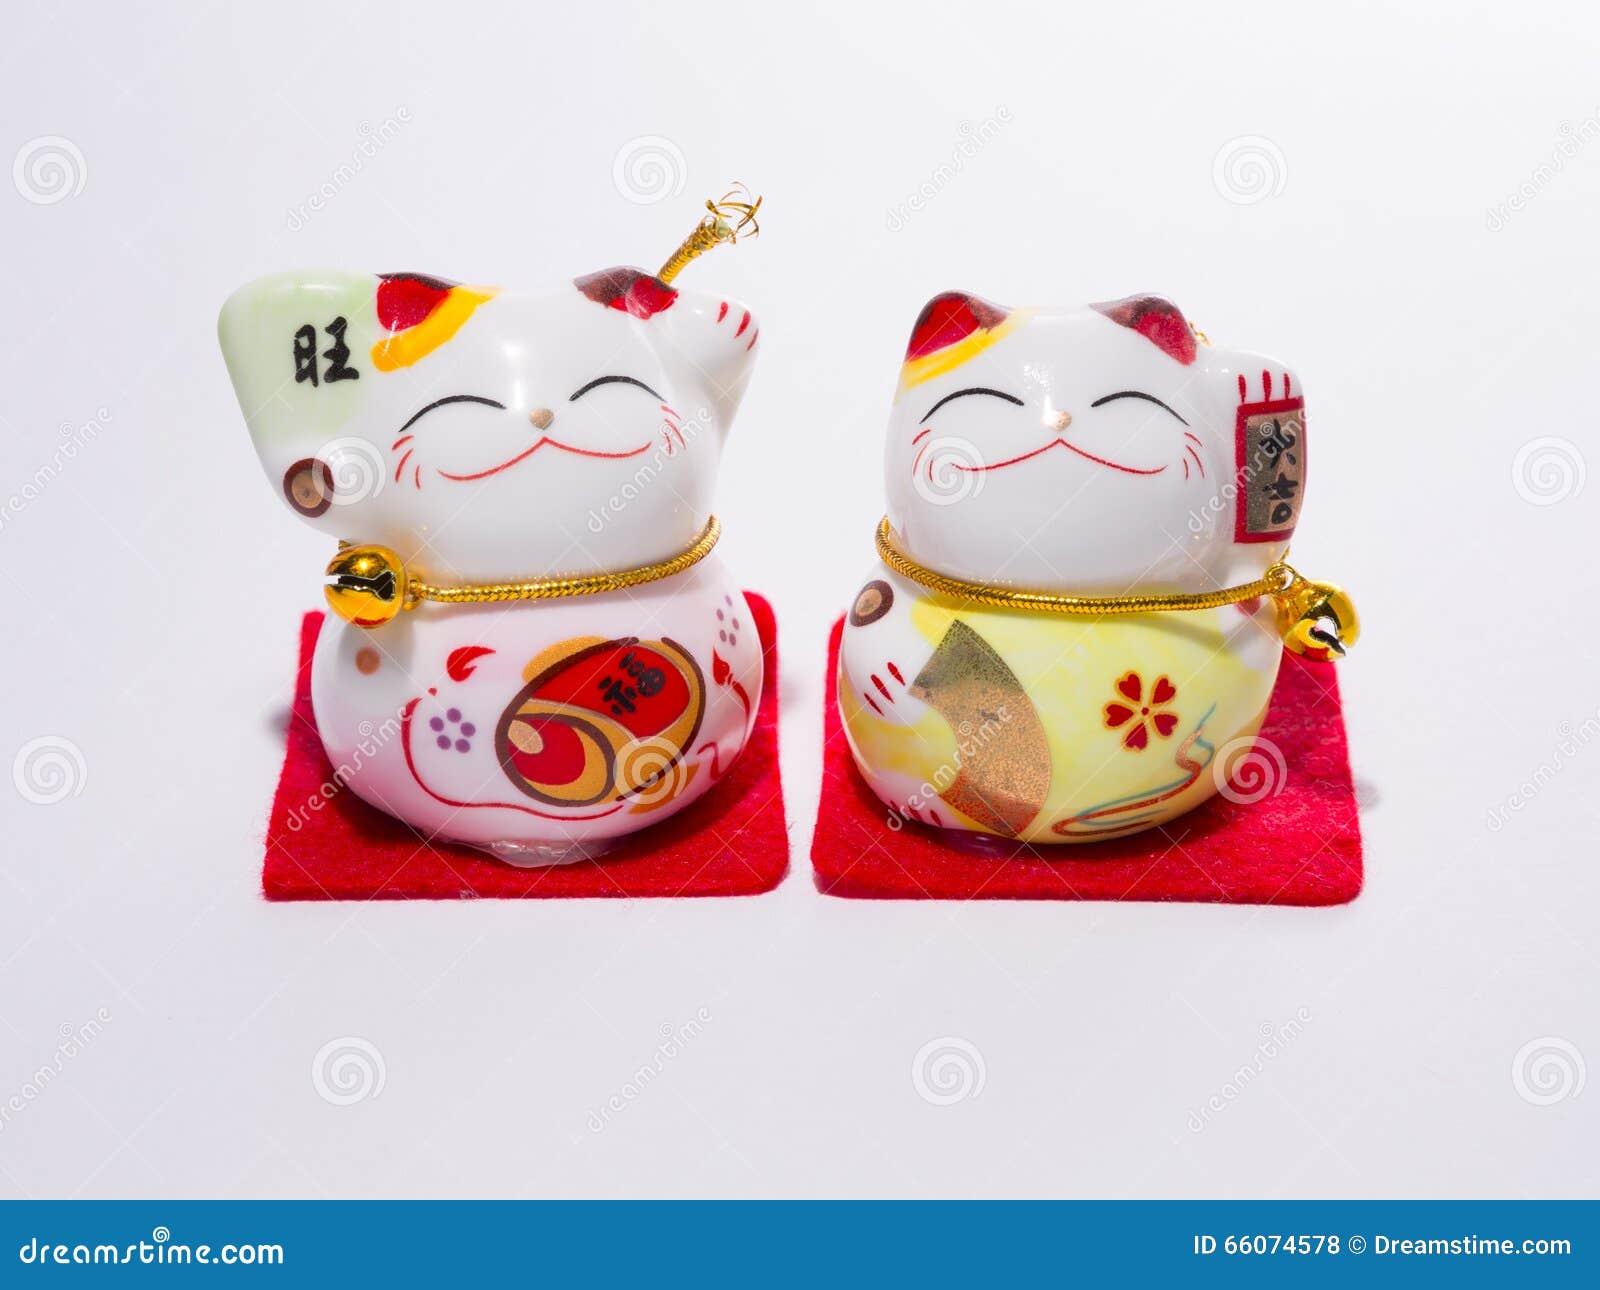 Welcoming The Japanese Lucky Cat The Maneki Neko Stock Photo